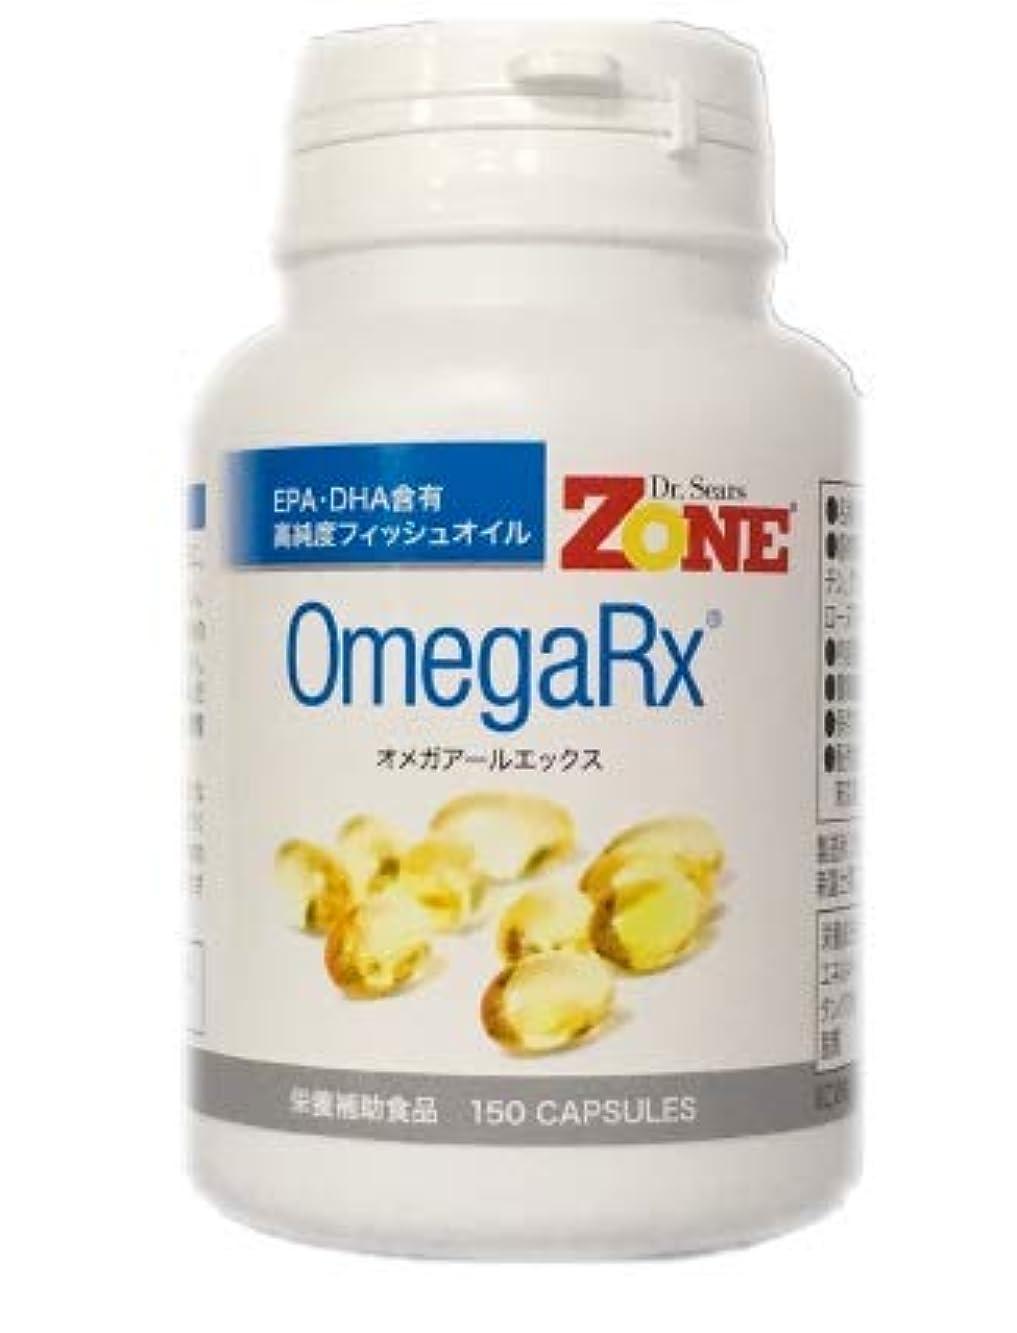 農夫カブ犯罪オメガRX omegaRX 150粒 Dr.Sears ZONE